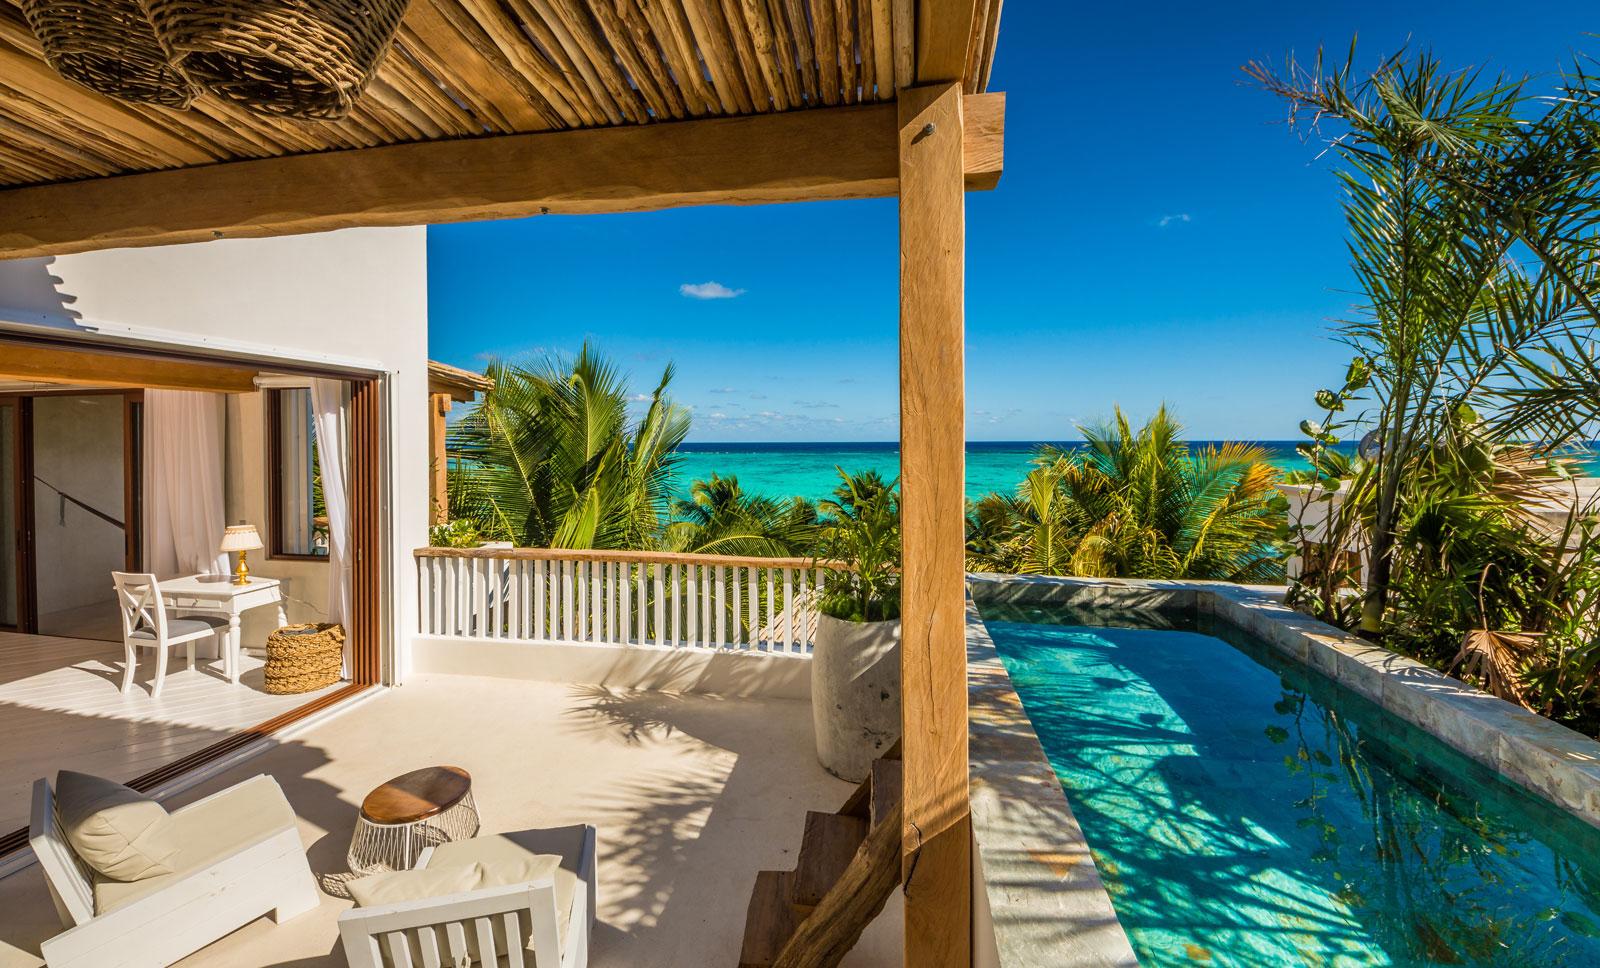 Maya_Luxe_Riviera_Maya_Luxury_Villas_Experiences_Soliman_Bay_Tulum_5_Bedrooms_Villa_La_Semilla_24.jpg